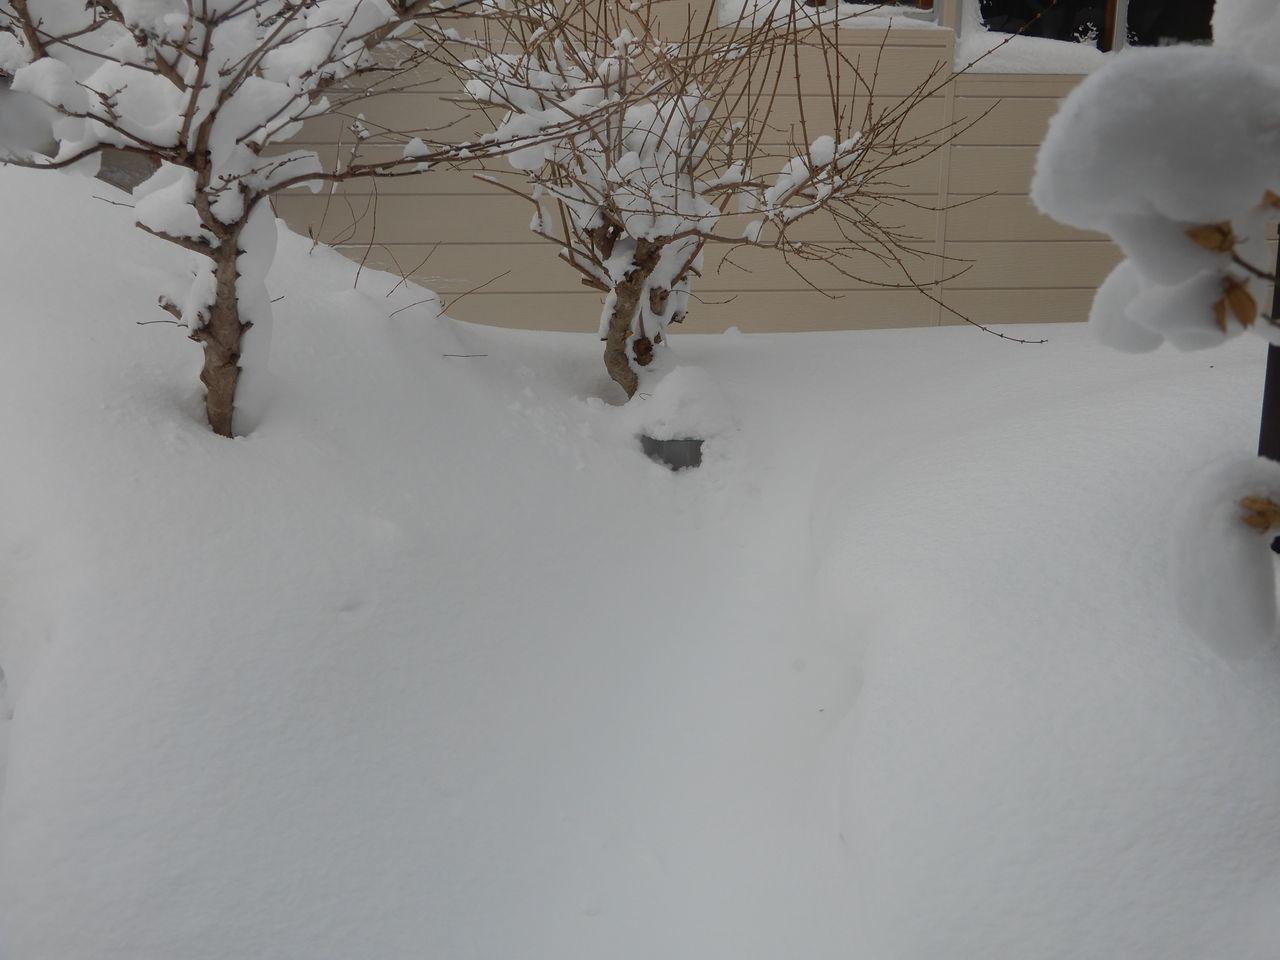 昨日の昼から降った雪は30センチほど積りました_c0025115_20512949.jpg